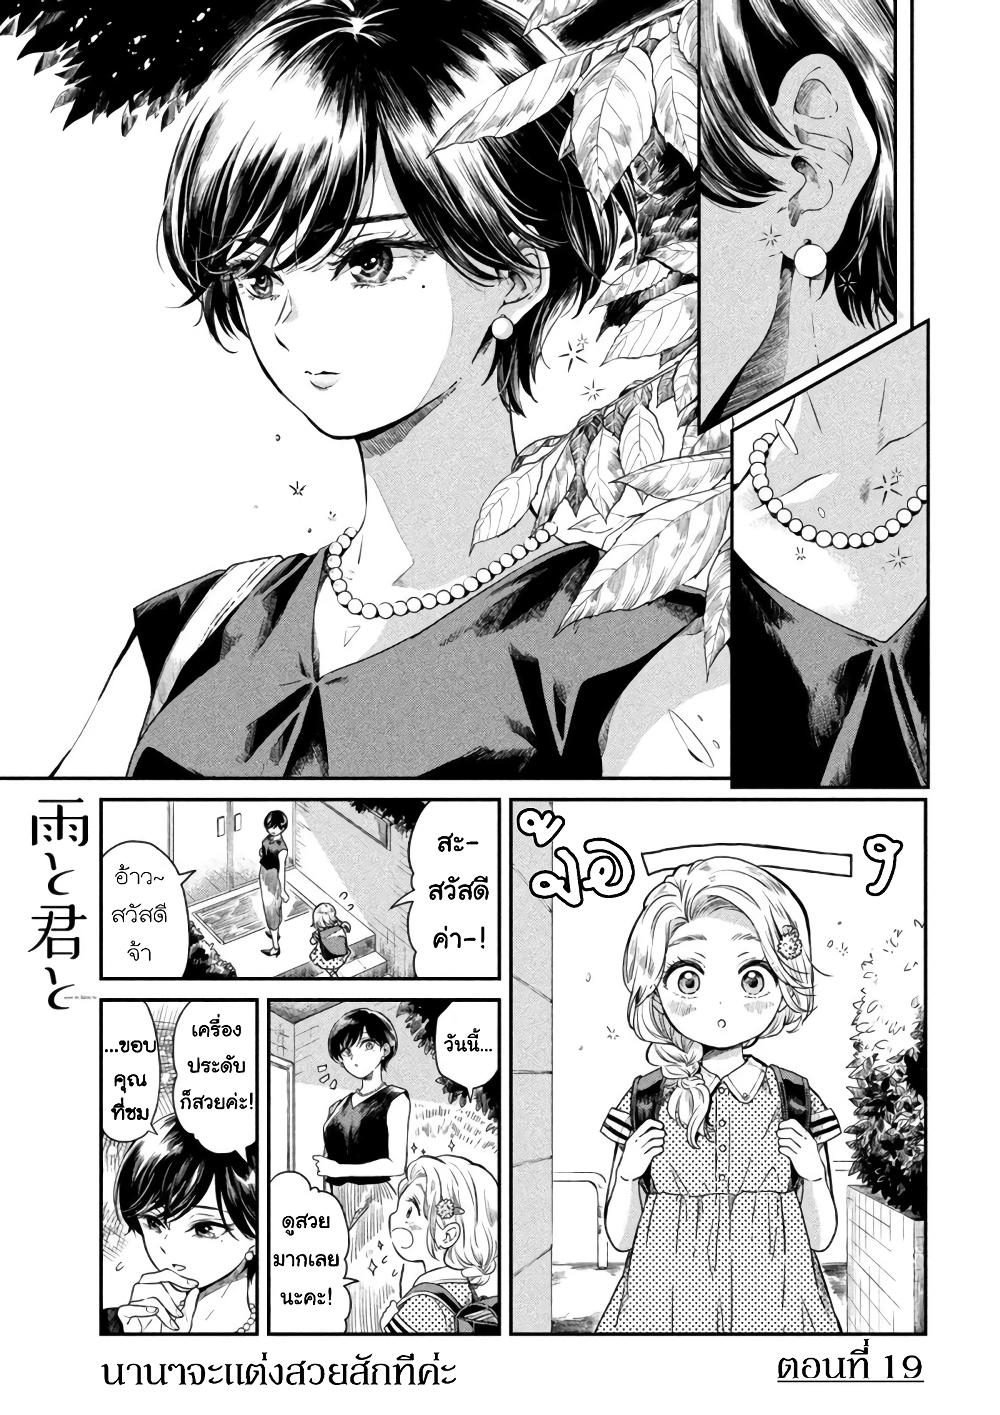 อ่านการ์ตูน Ame to Kimi to ตอนที่ 19 หน้าที่ 1